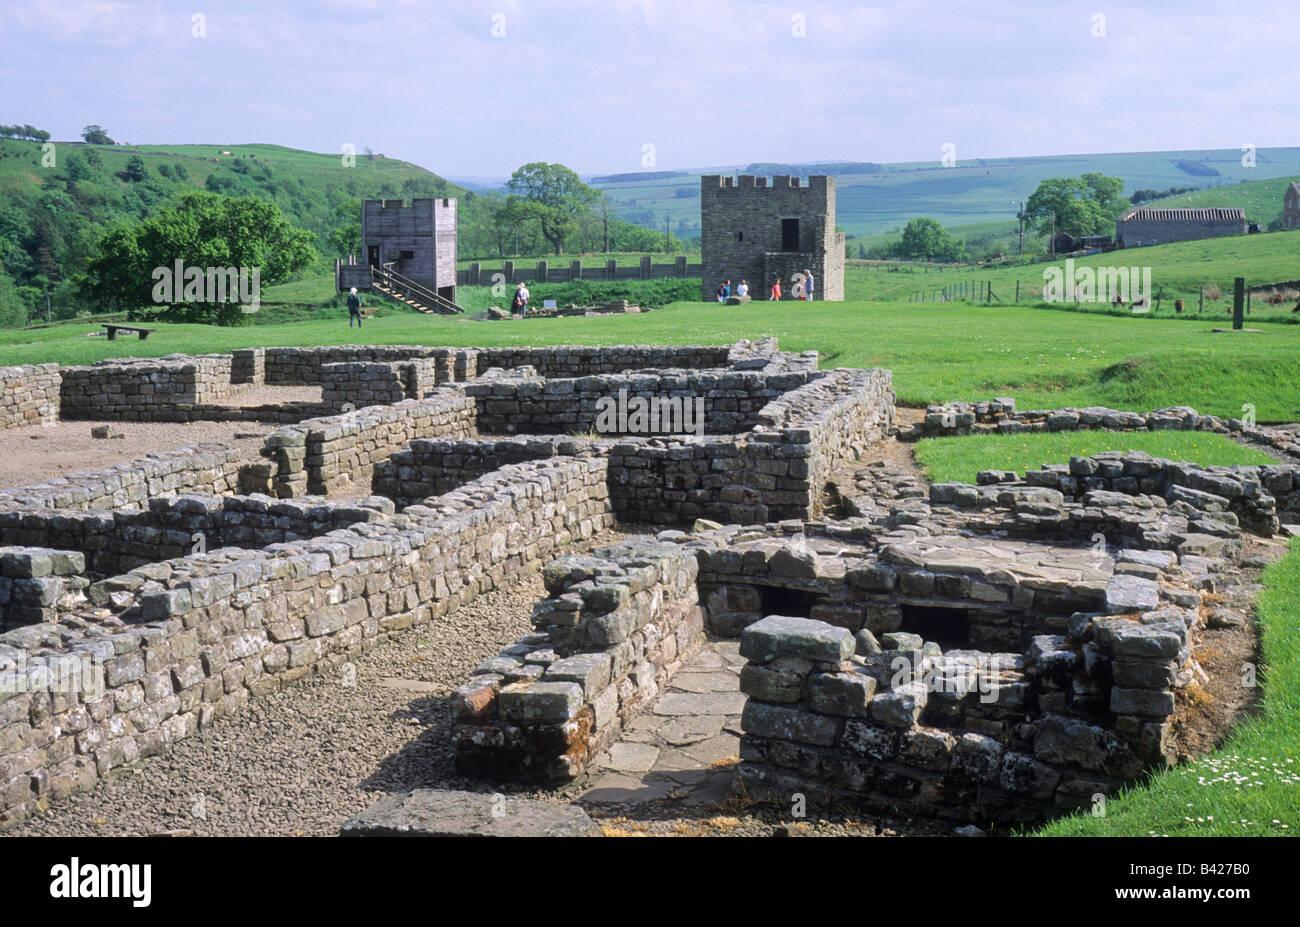 6dfdc4e2bf93b Vindolanda sito archeologico romano Northumberland parete di Adriano  inglese archeologia ruderi pareti camp Inghilterra Immagini Stock